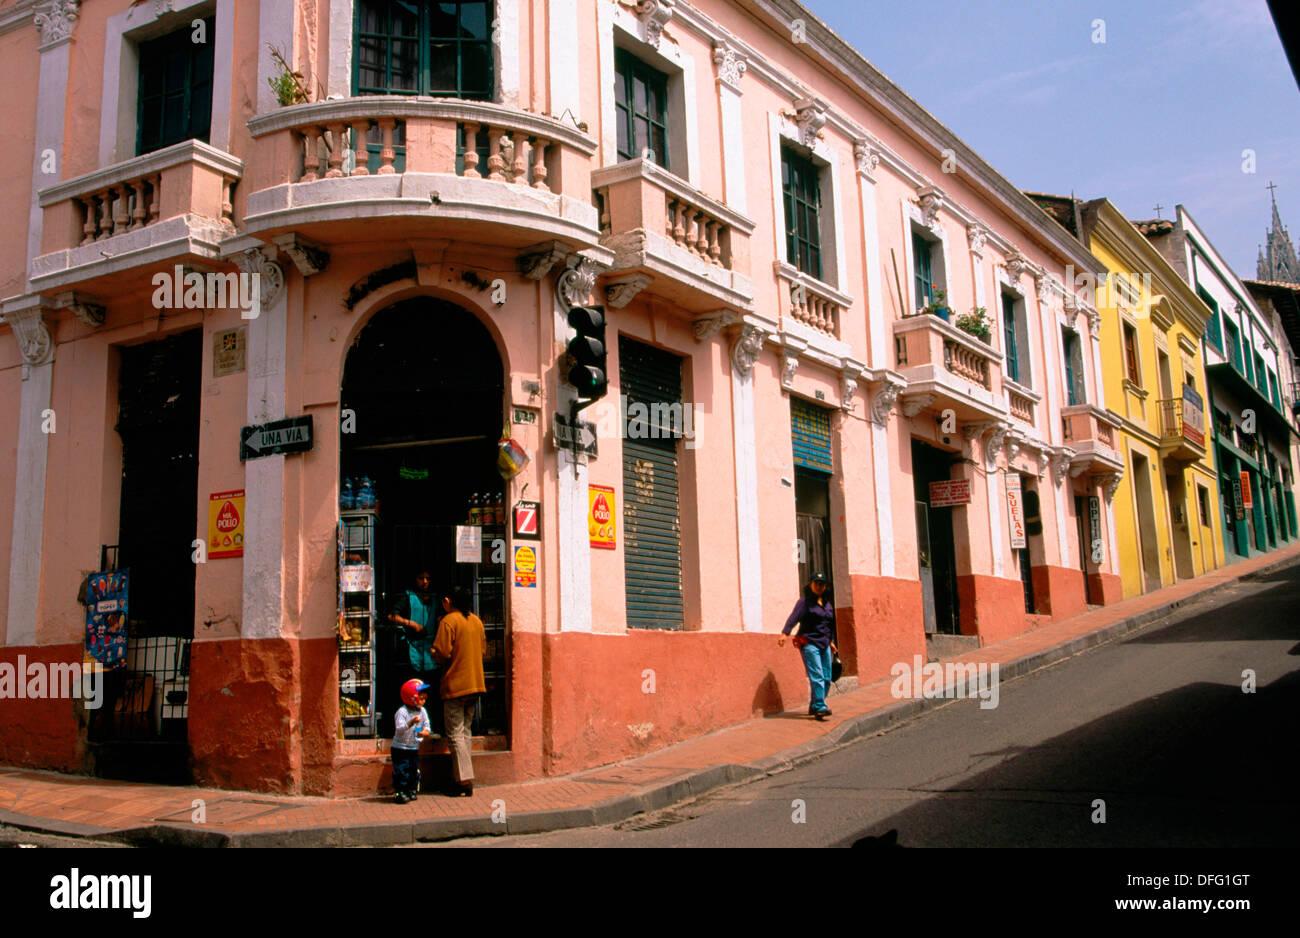 Colonial Architecture In Quito Ecuador Stock Photo 61203432 Alamy